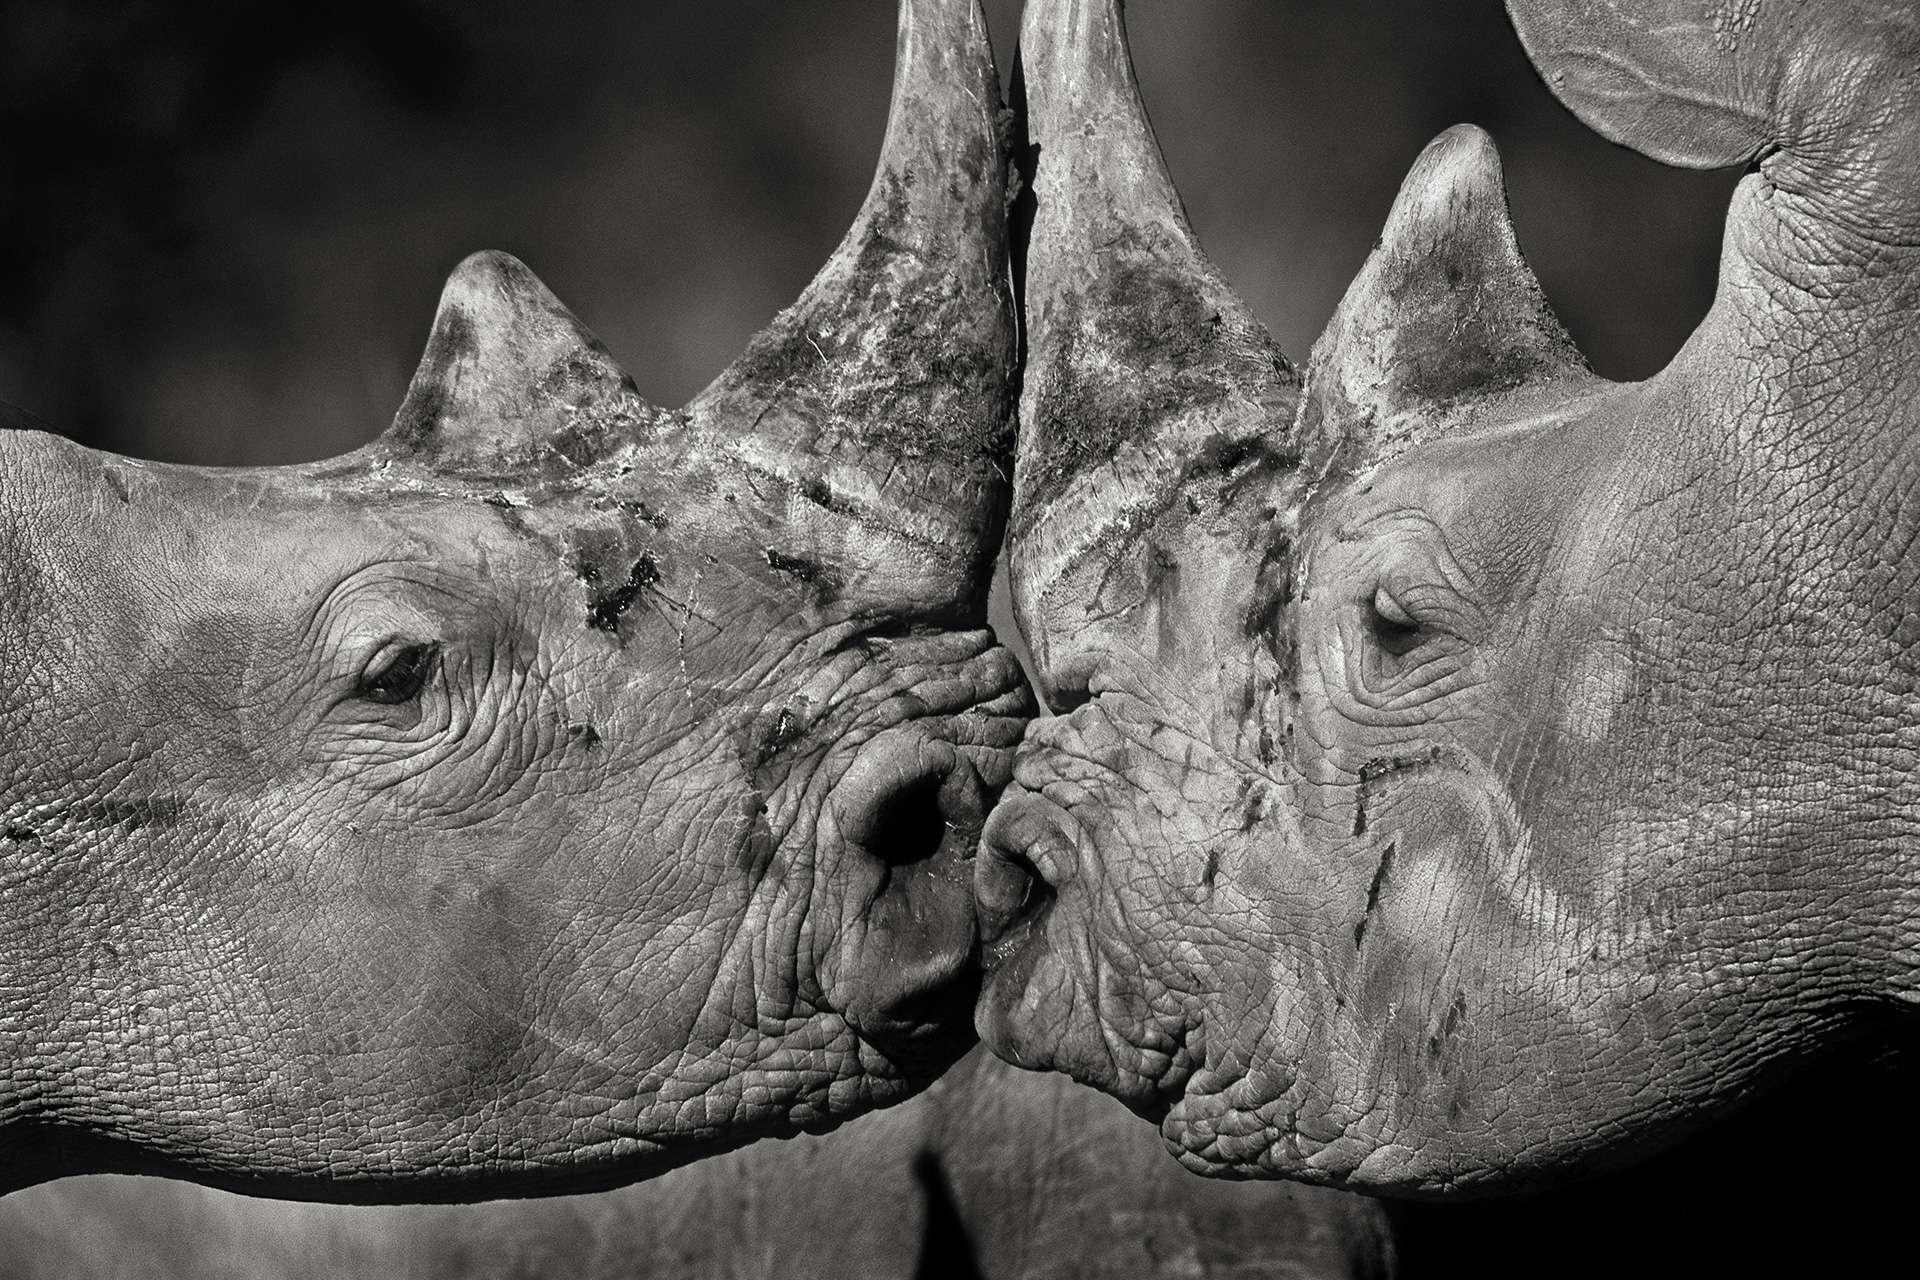 Photographie de Gilles Martin : rhinocéros blanc d'Afrique du sud, Struggle for life